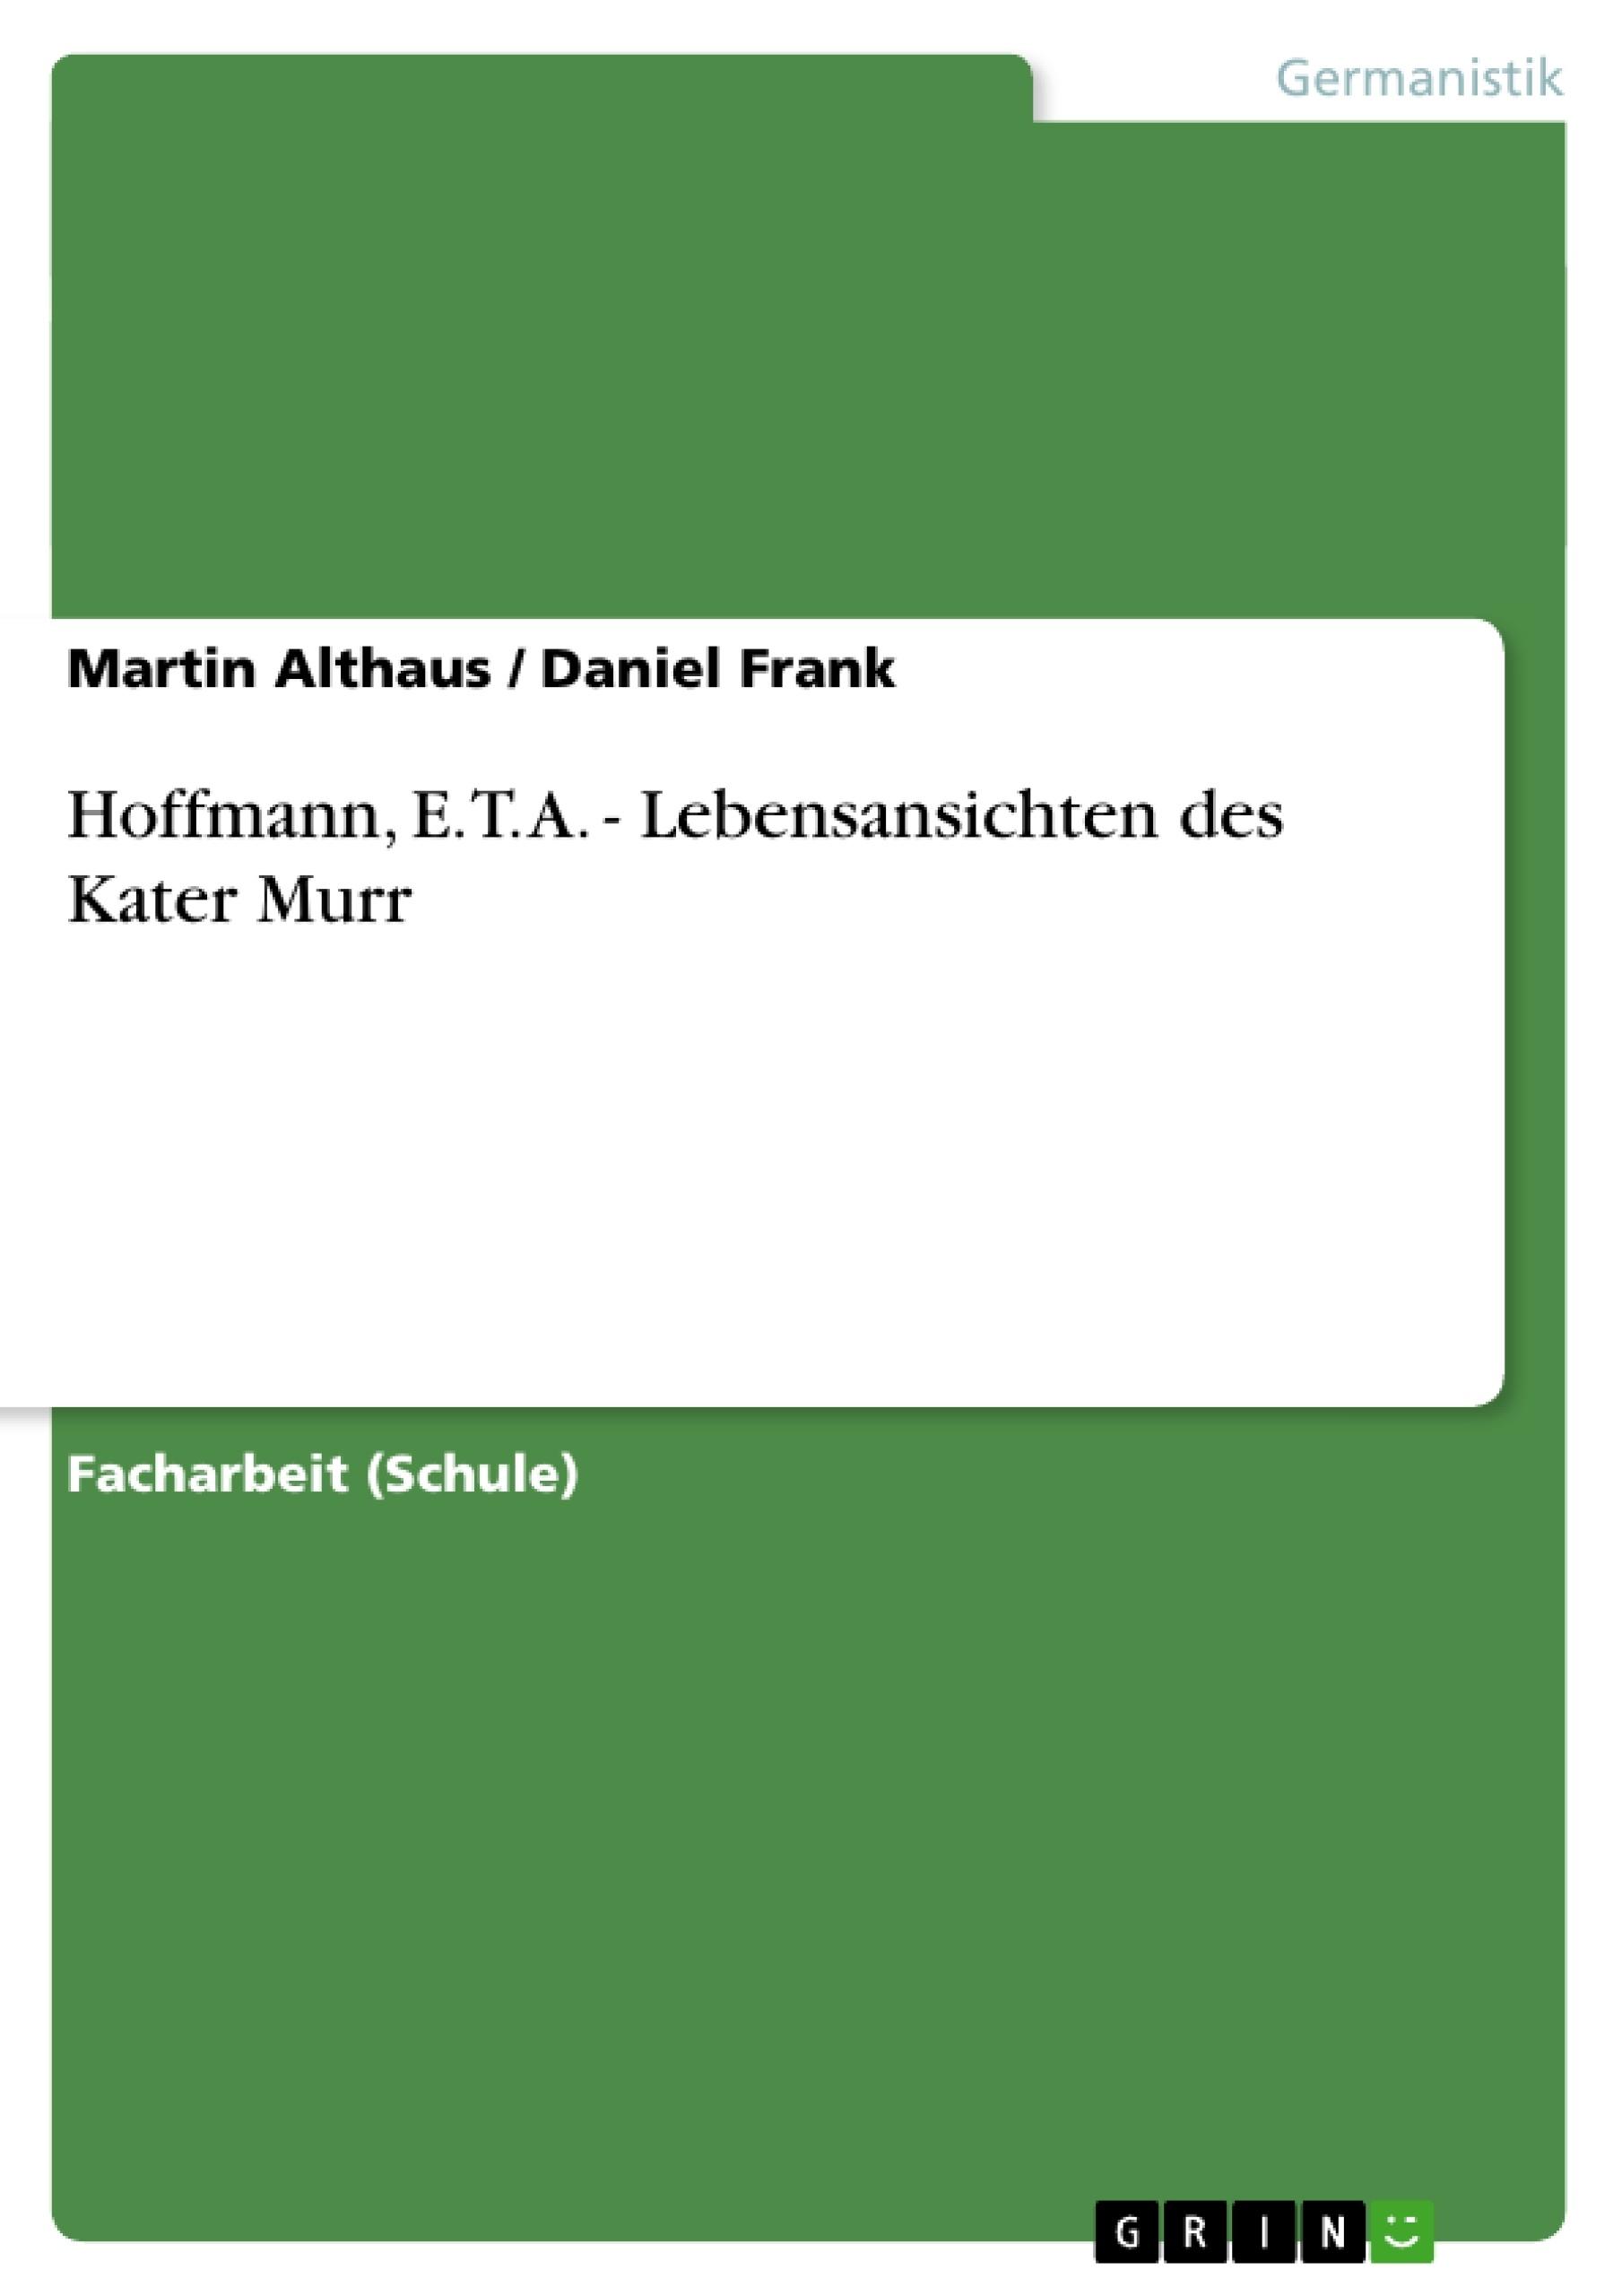 Titel: Hoffmann, E. T. A. - Lebensansichten des Kater Murr